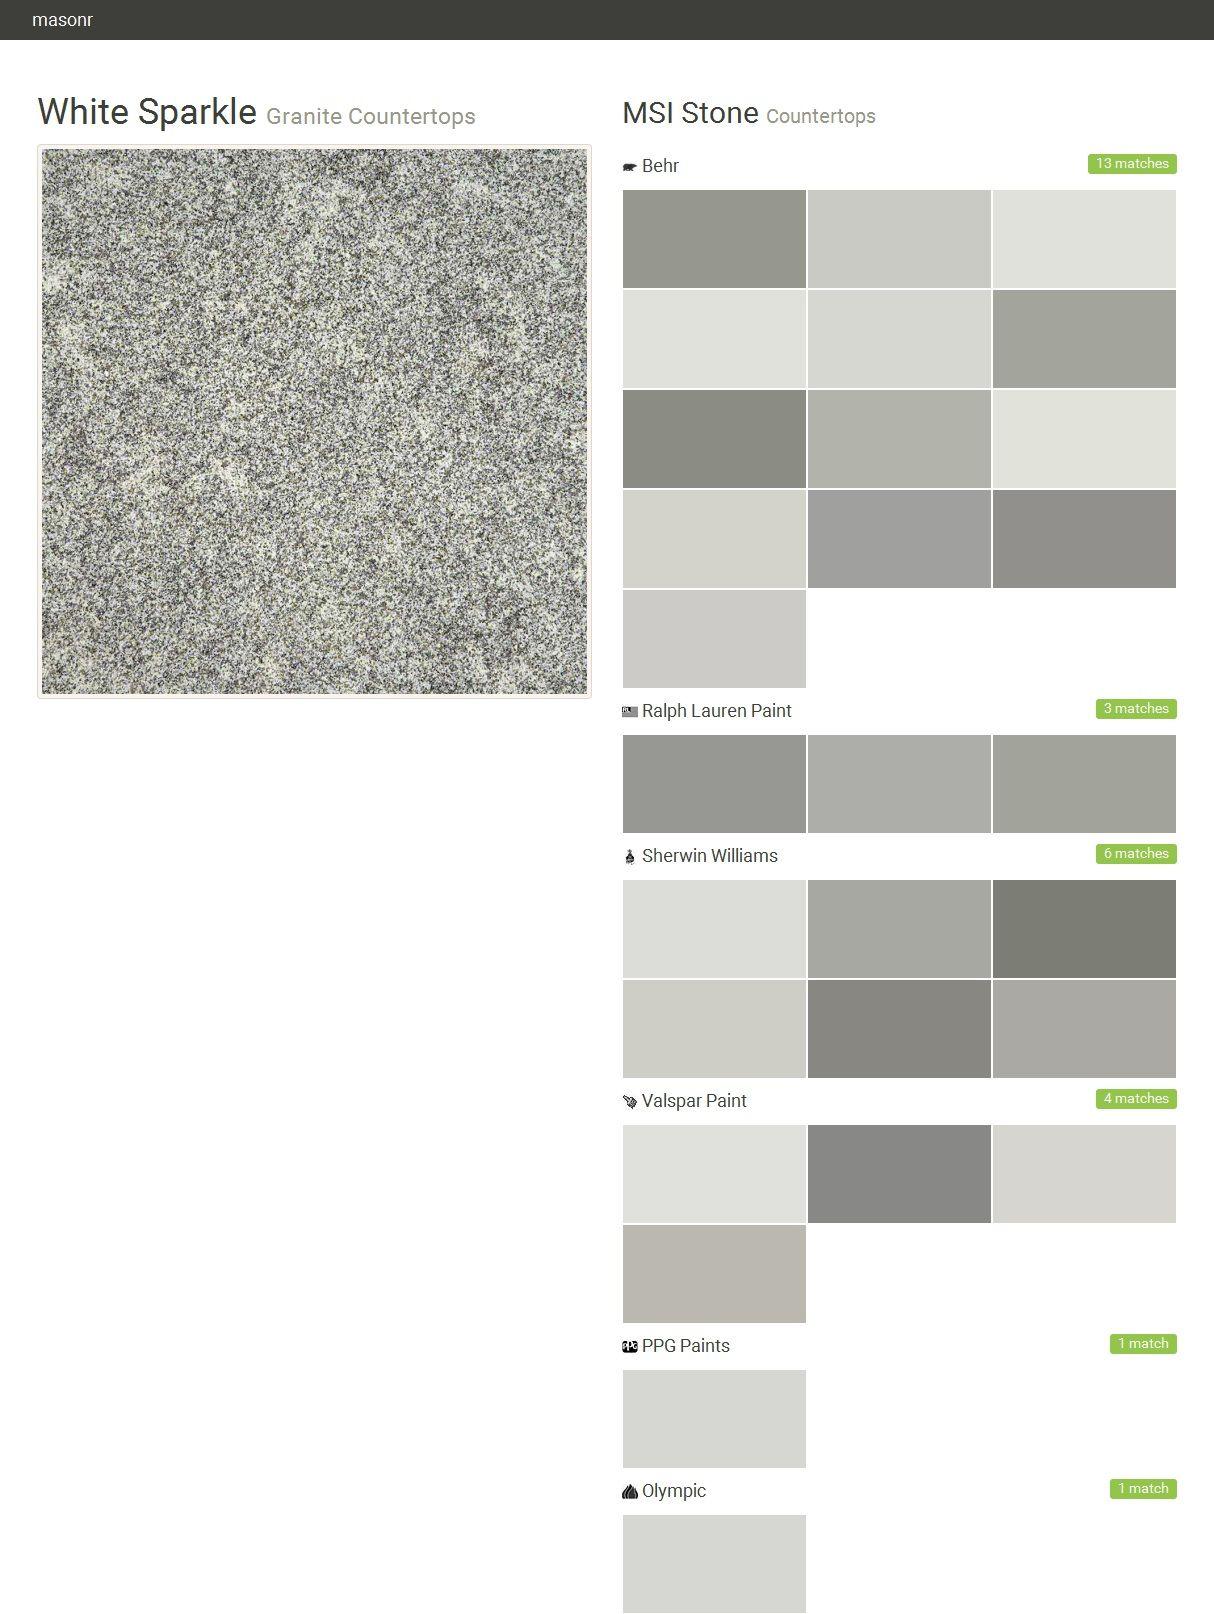 White Sparkle Granite Countertops Countertops Msi Stone